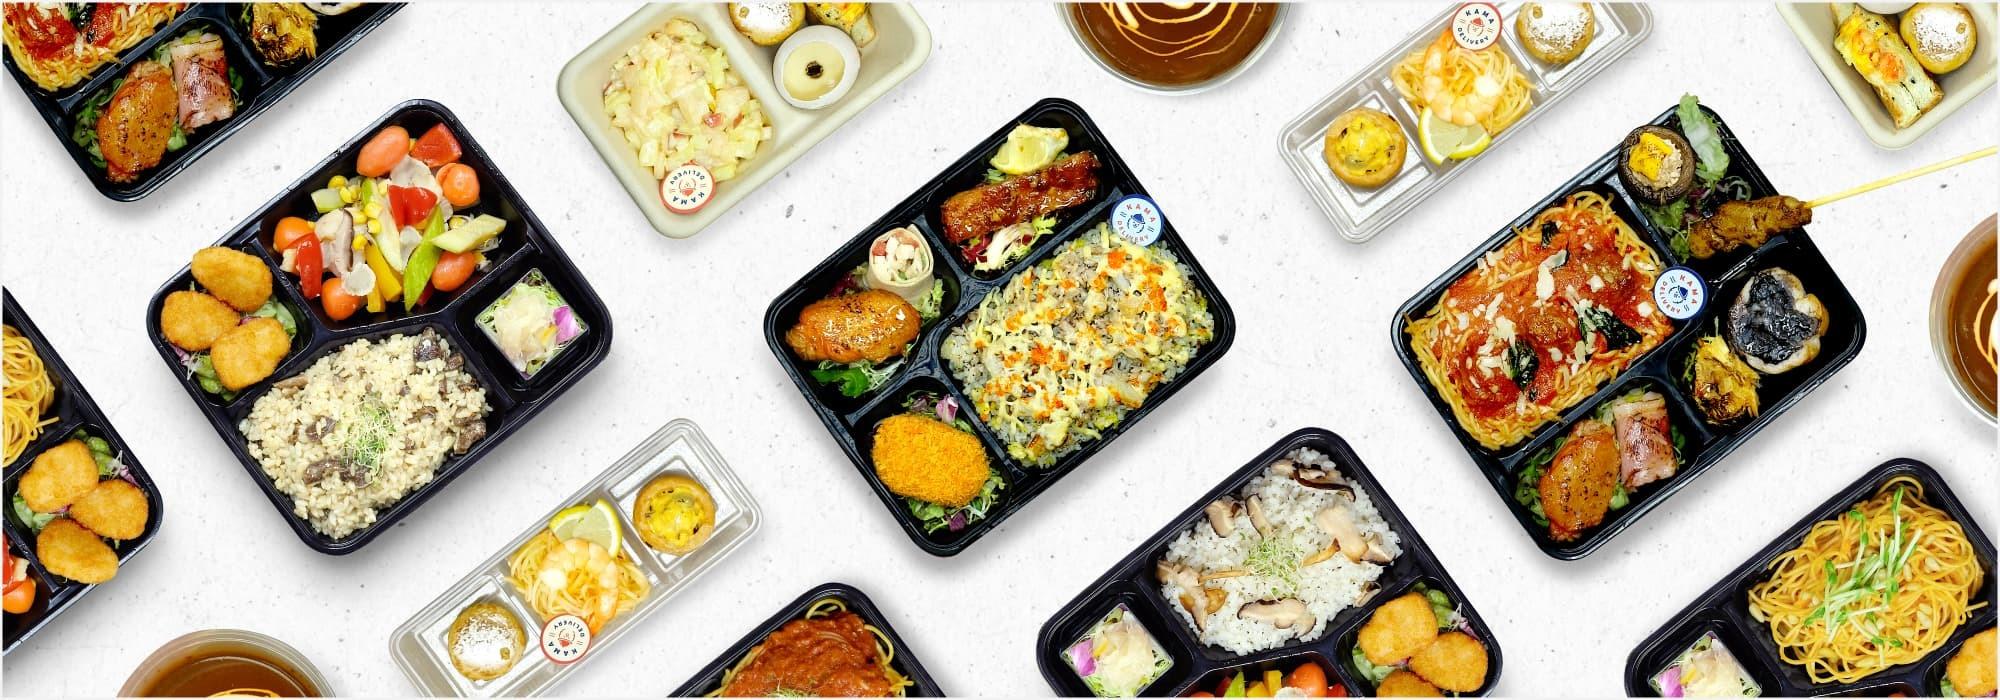 外賣午餐飯盒到會推介 【上班族嗌Lunch Box必睇】|Kama Delivery到會外賣速遞服務